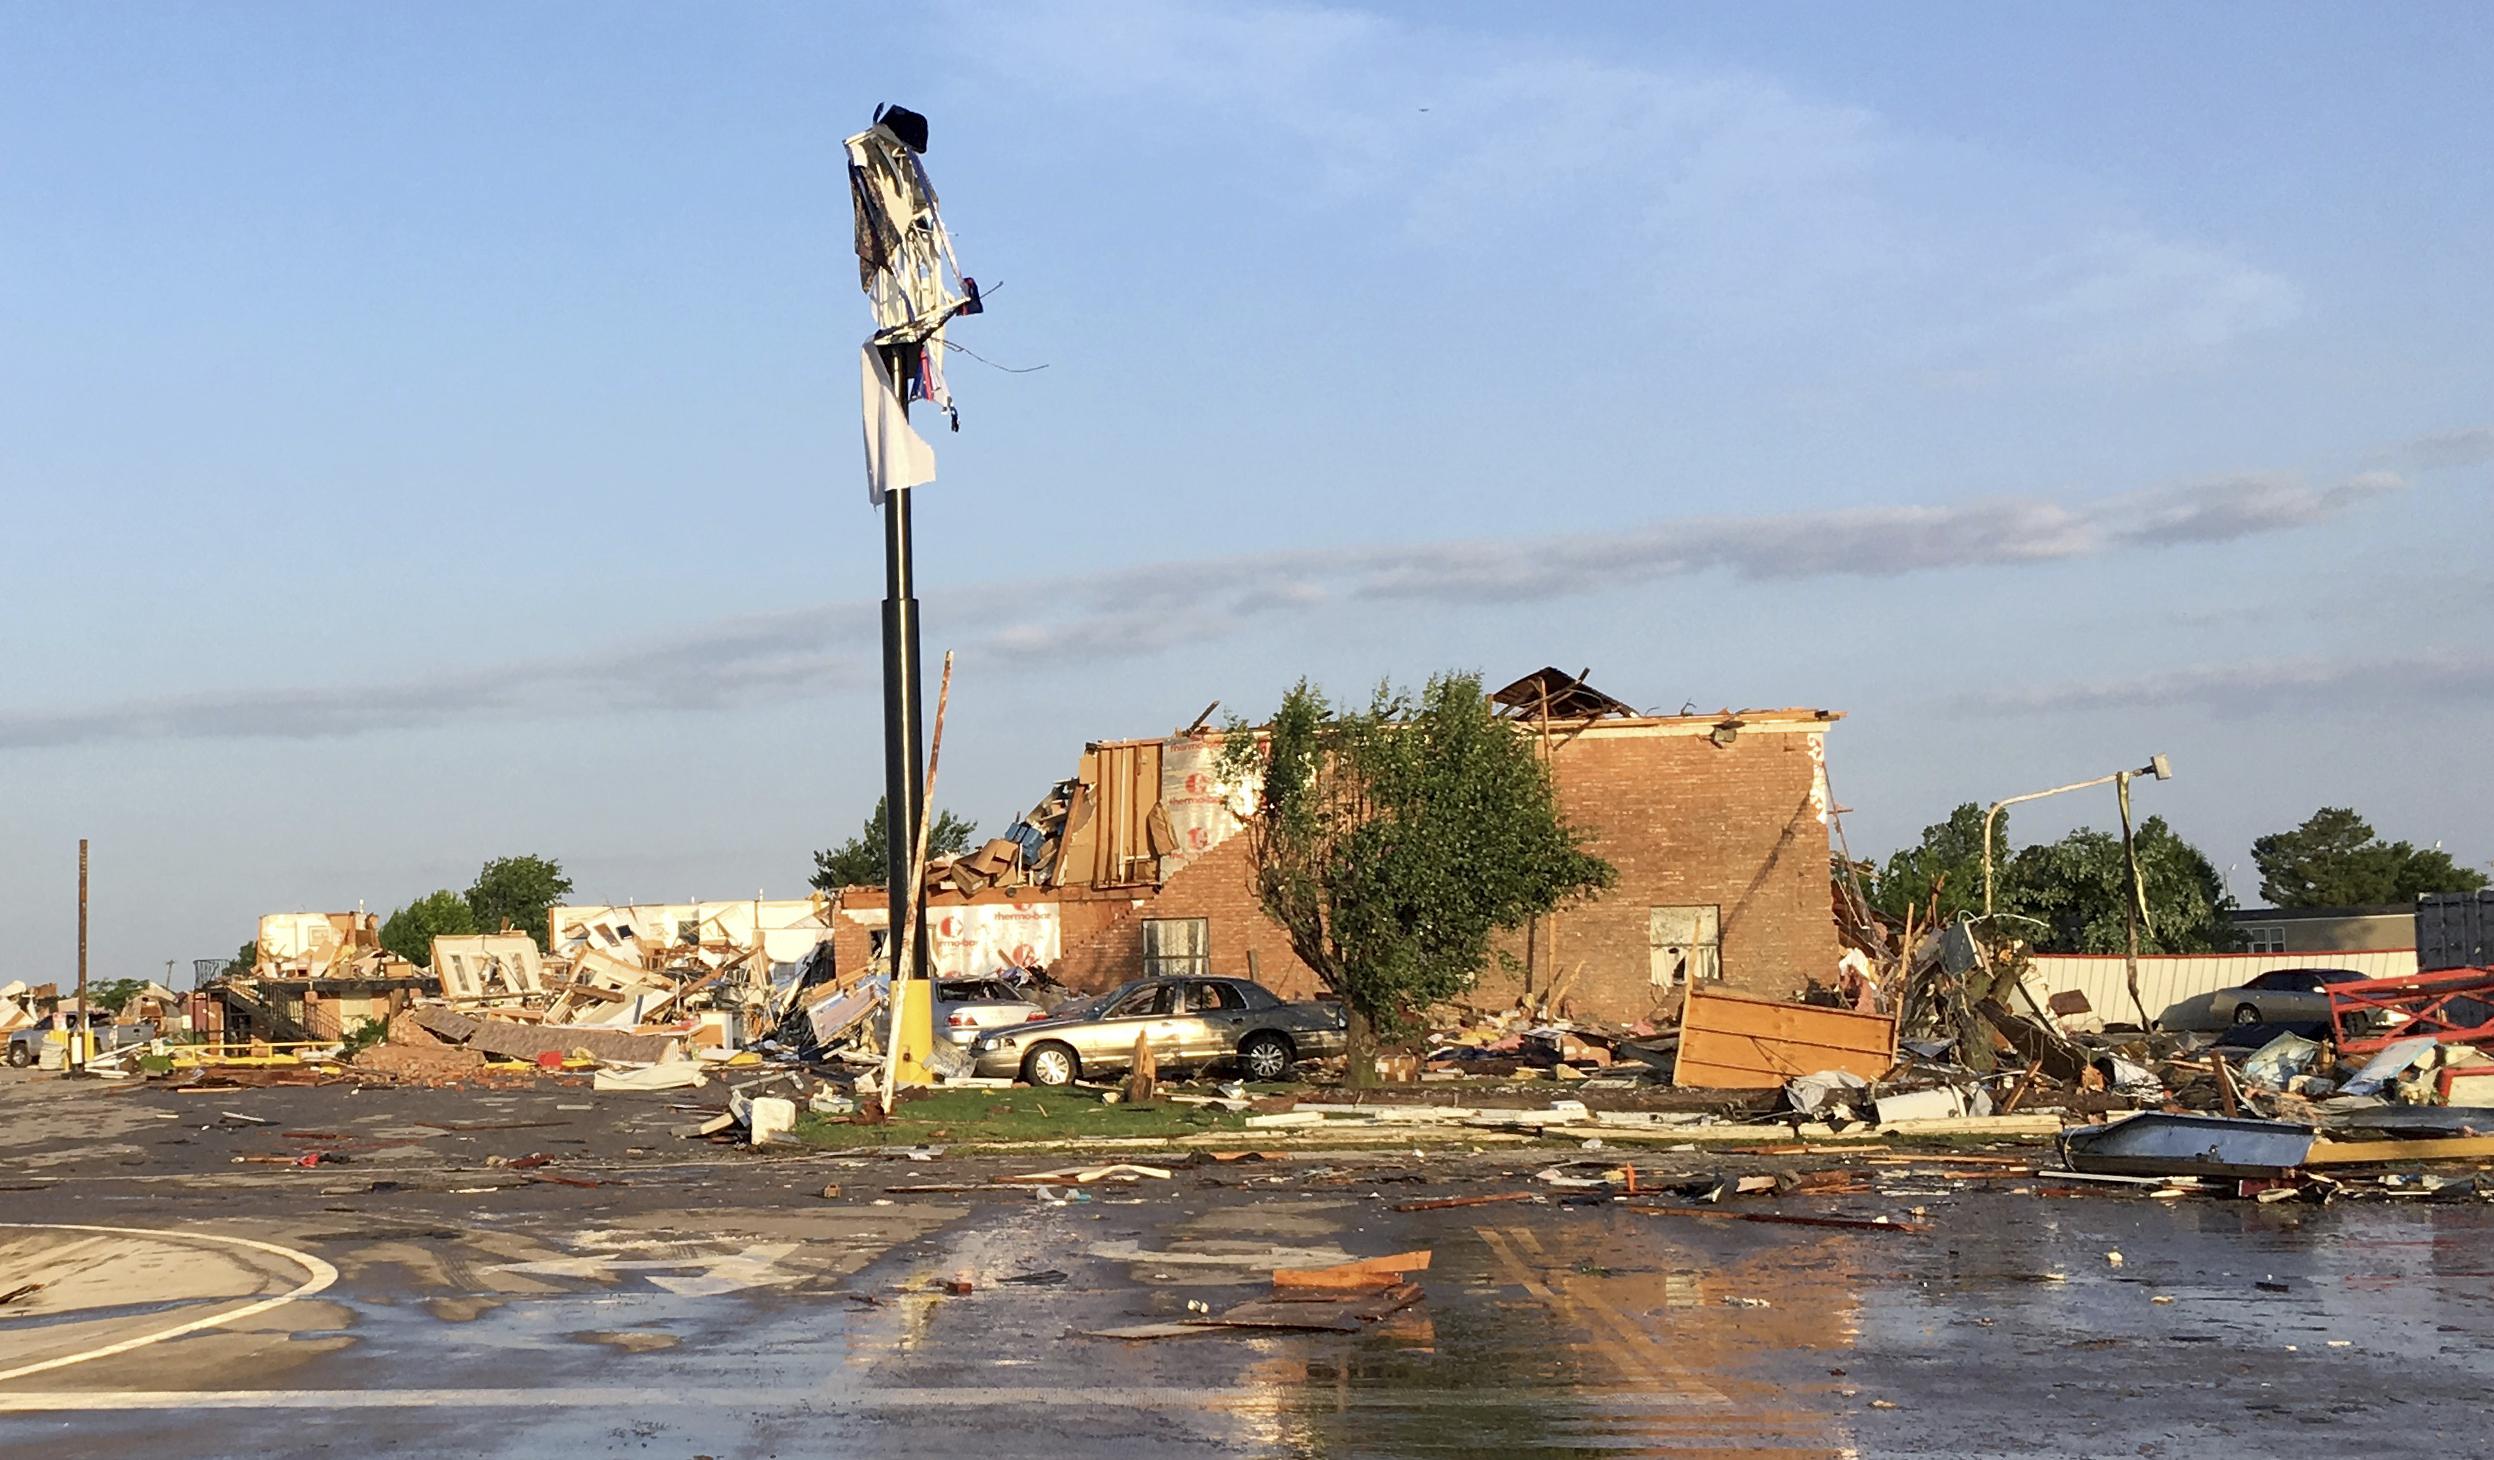 El Reno Oklahoma >> El Reno Oklahoma Tornado 2 Dead Dozens Injured The